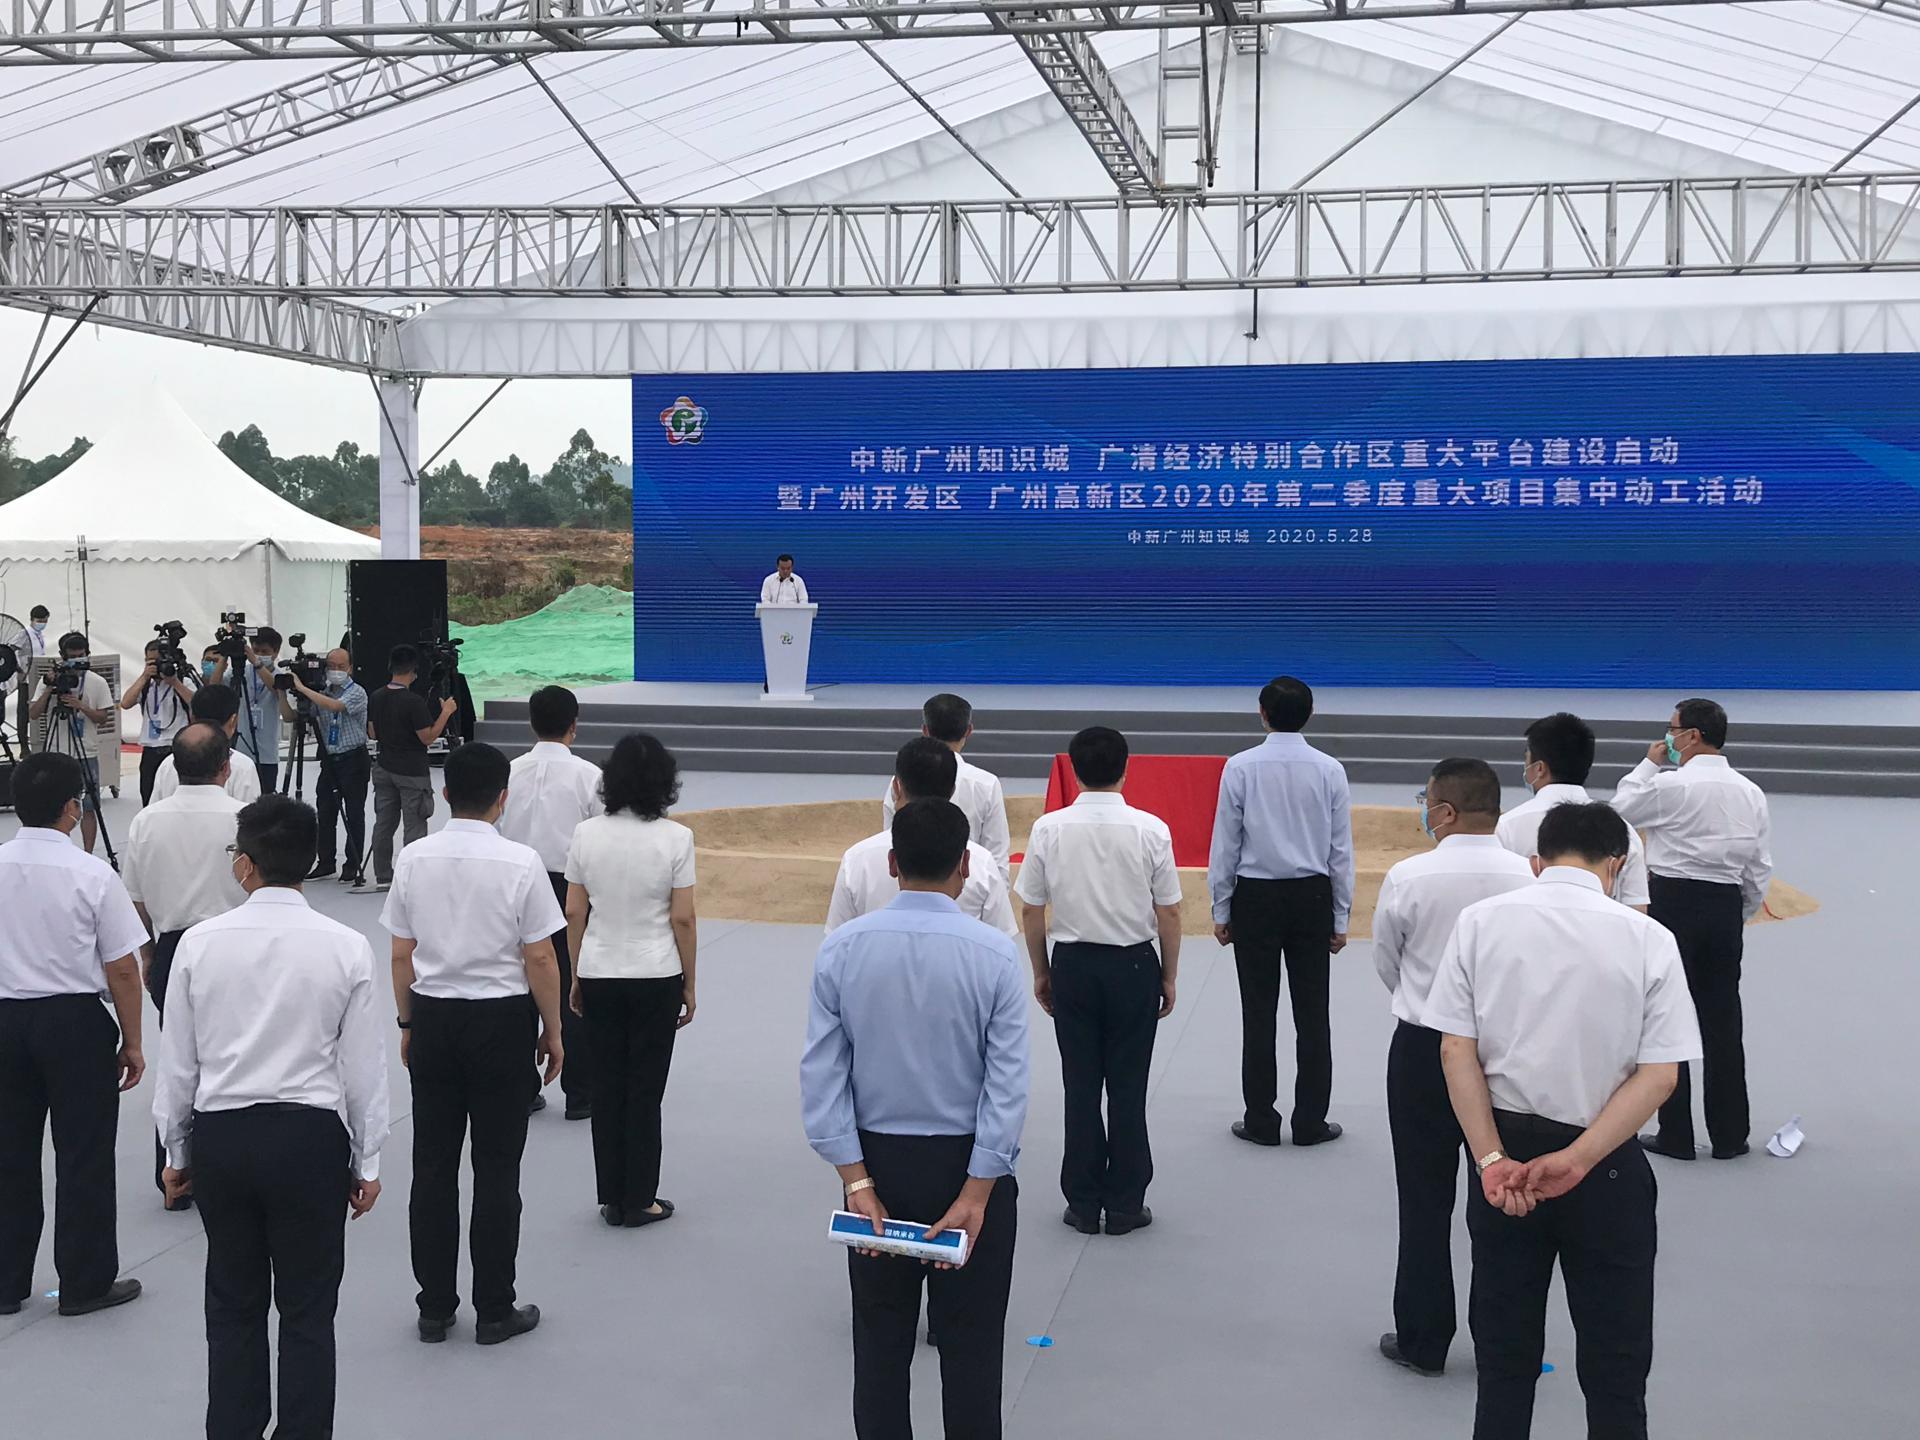 广州大学黄埔研究院/研究生院正式启动建设